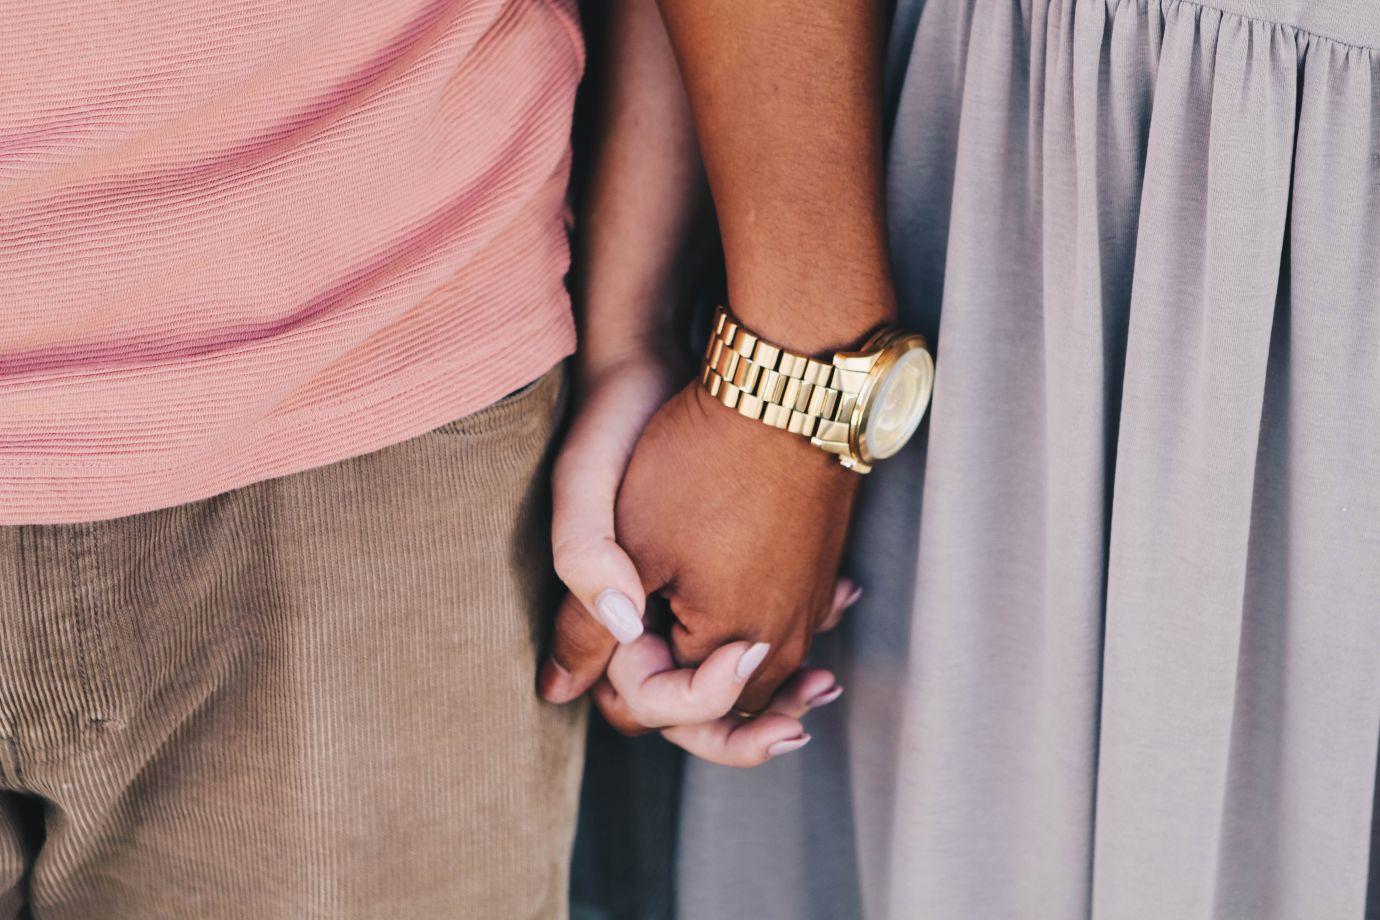 Händchenhaltendes Pärchen mit Cordhose